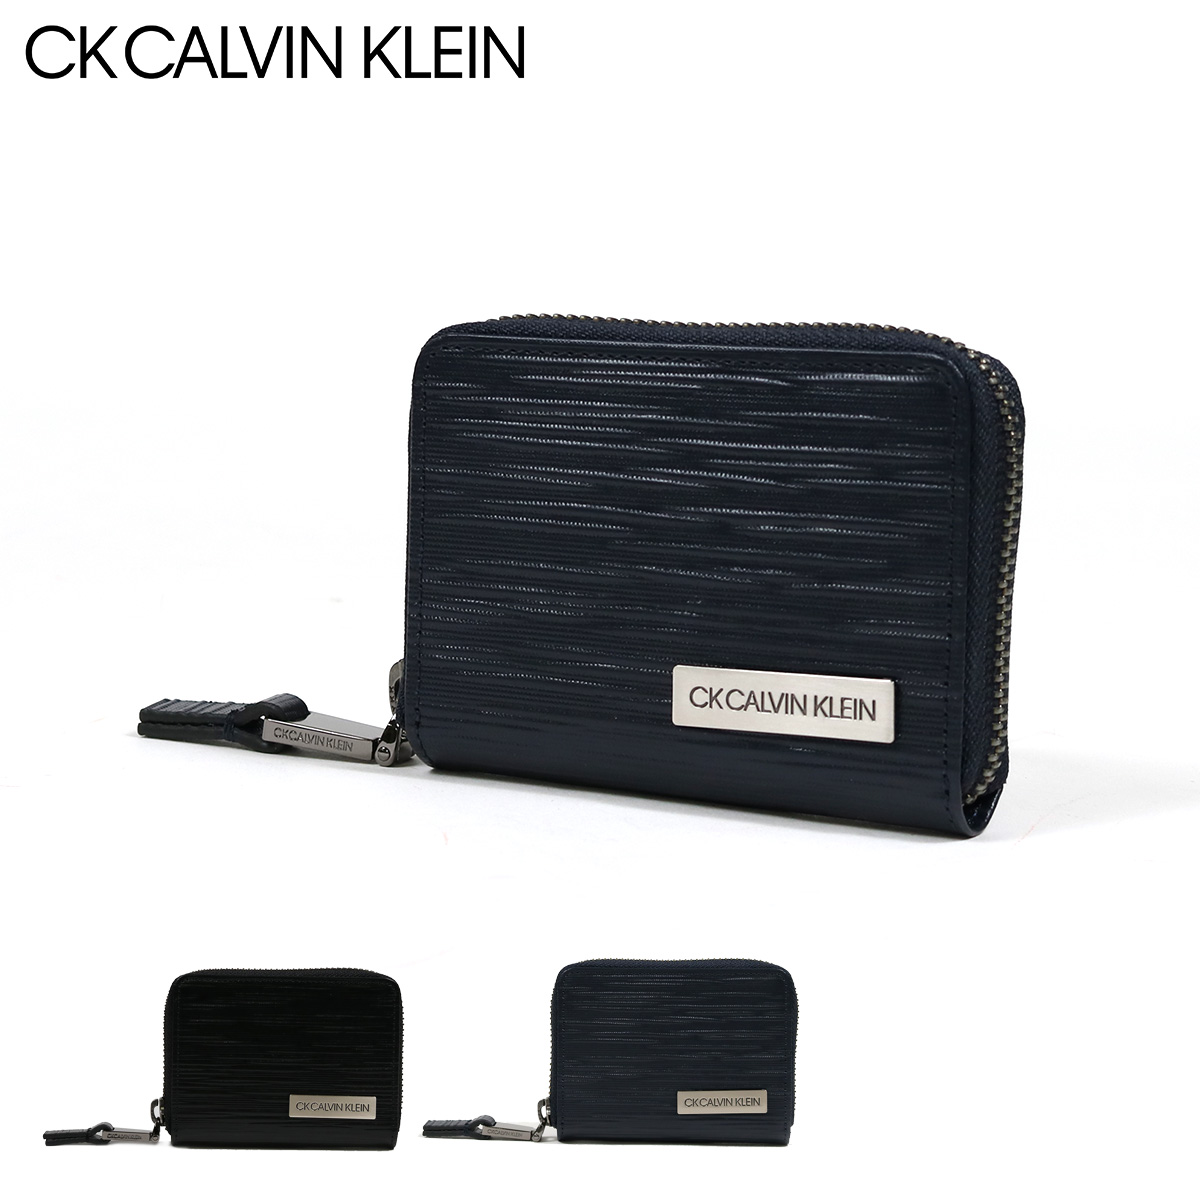 シーケー カルバンクライン 小銭入れ BOX型 タットII メンズ 808611 CK CALVIN KLEIN | パスケース 本革 レザー[bef][PO5][即日発送]